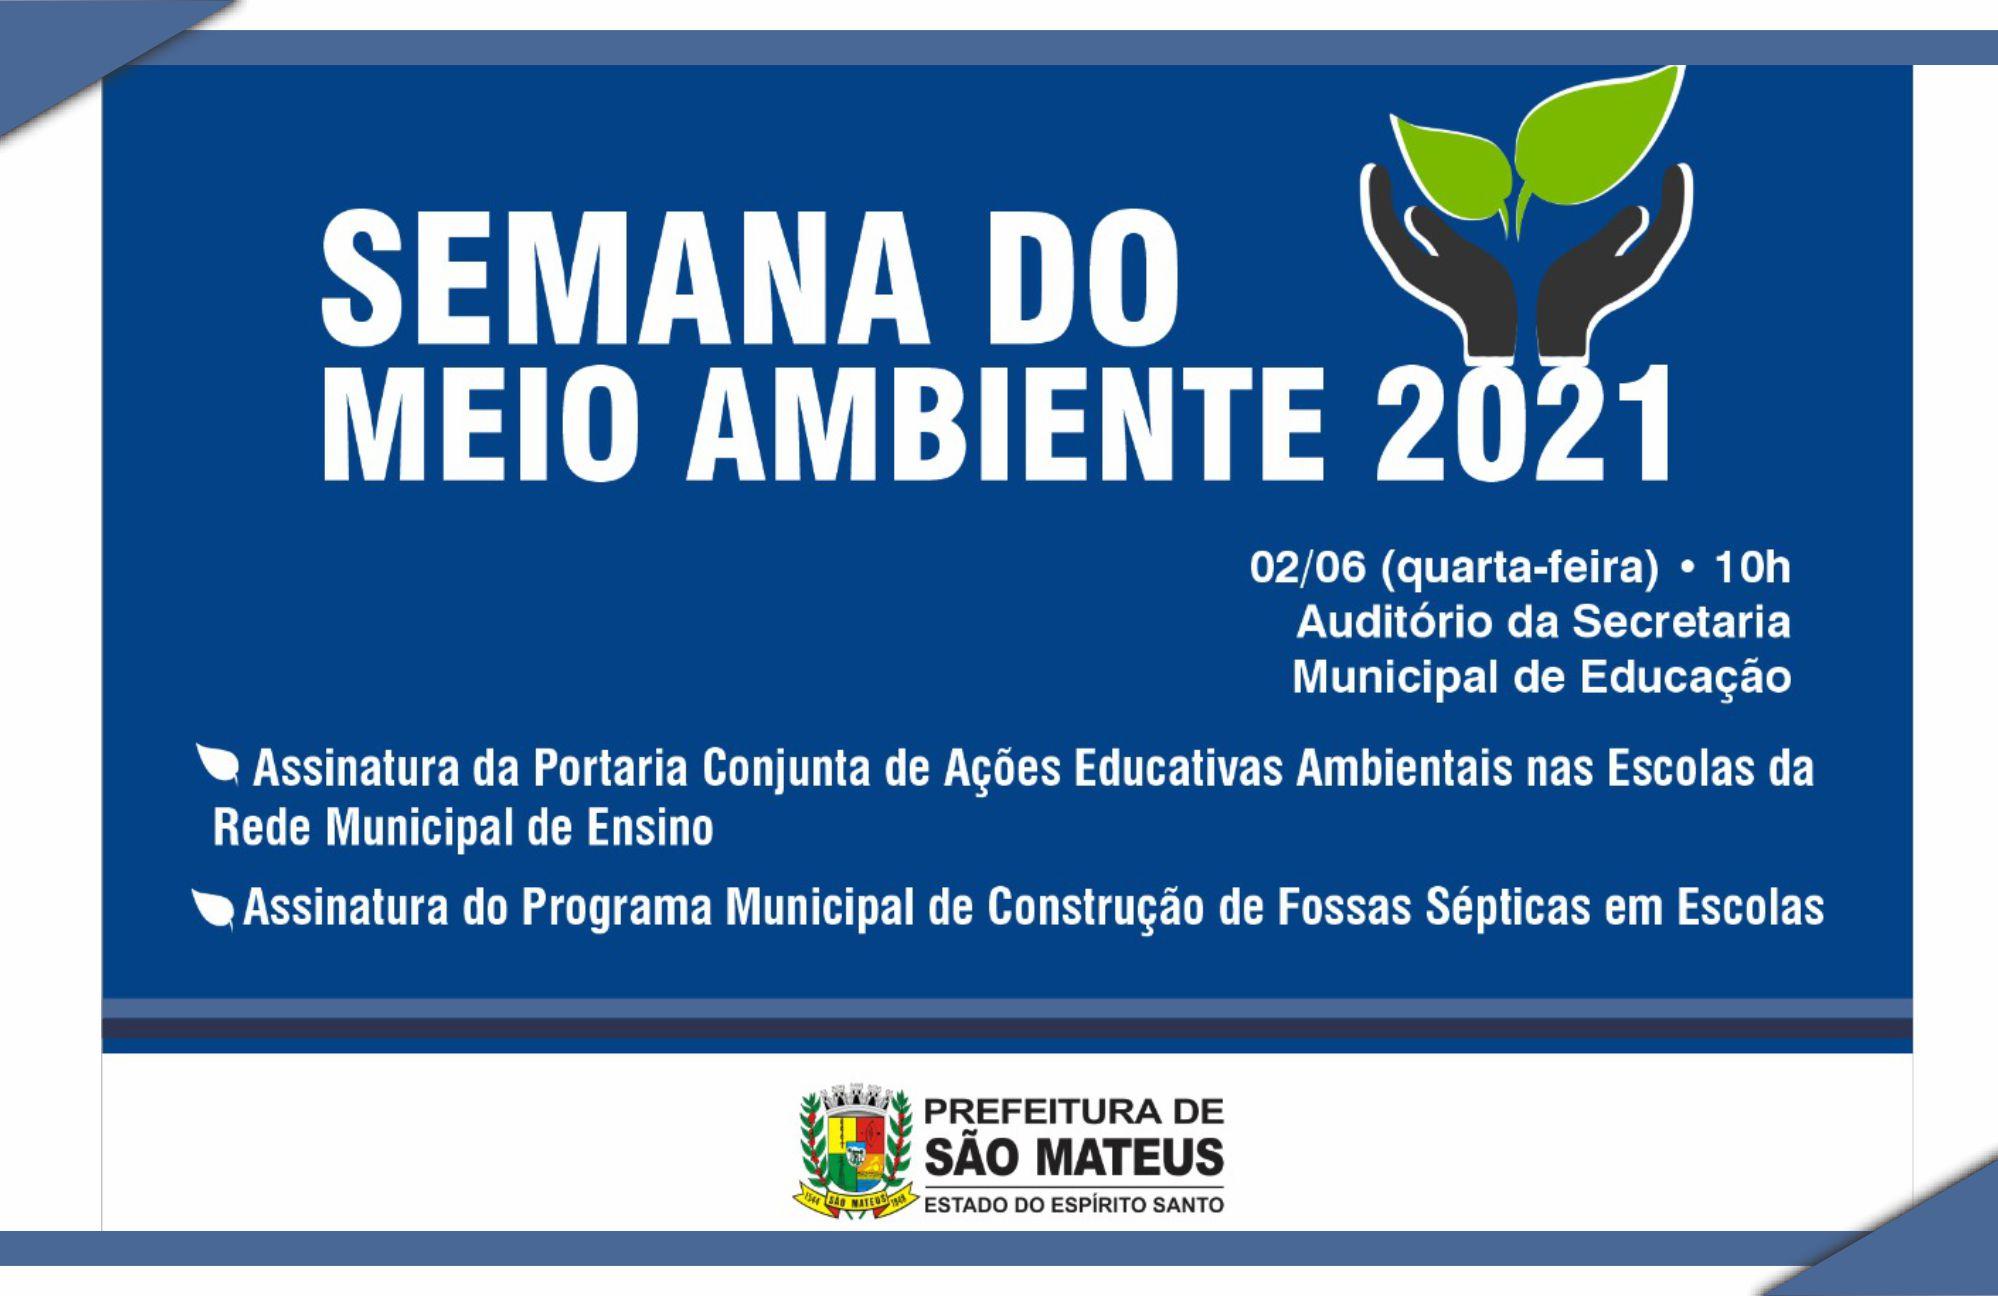 PREFEITURA COMEMORA DIA MUNDIAL DO MEIO AMBIENTE COM IMPLANTAÇÃO DE PROGRAMAS AMBIENTAIS